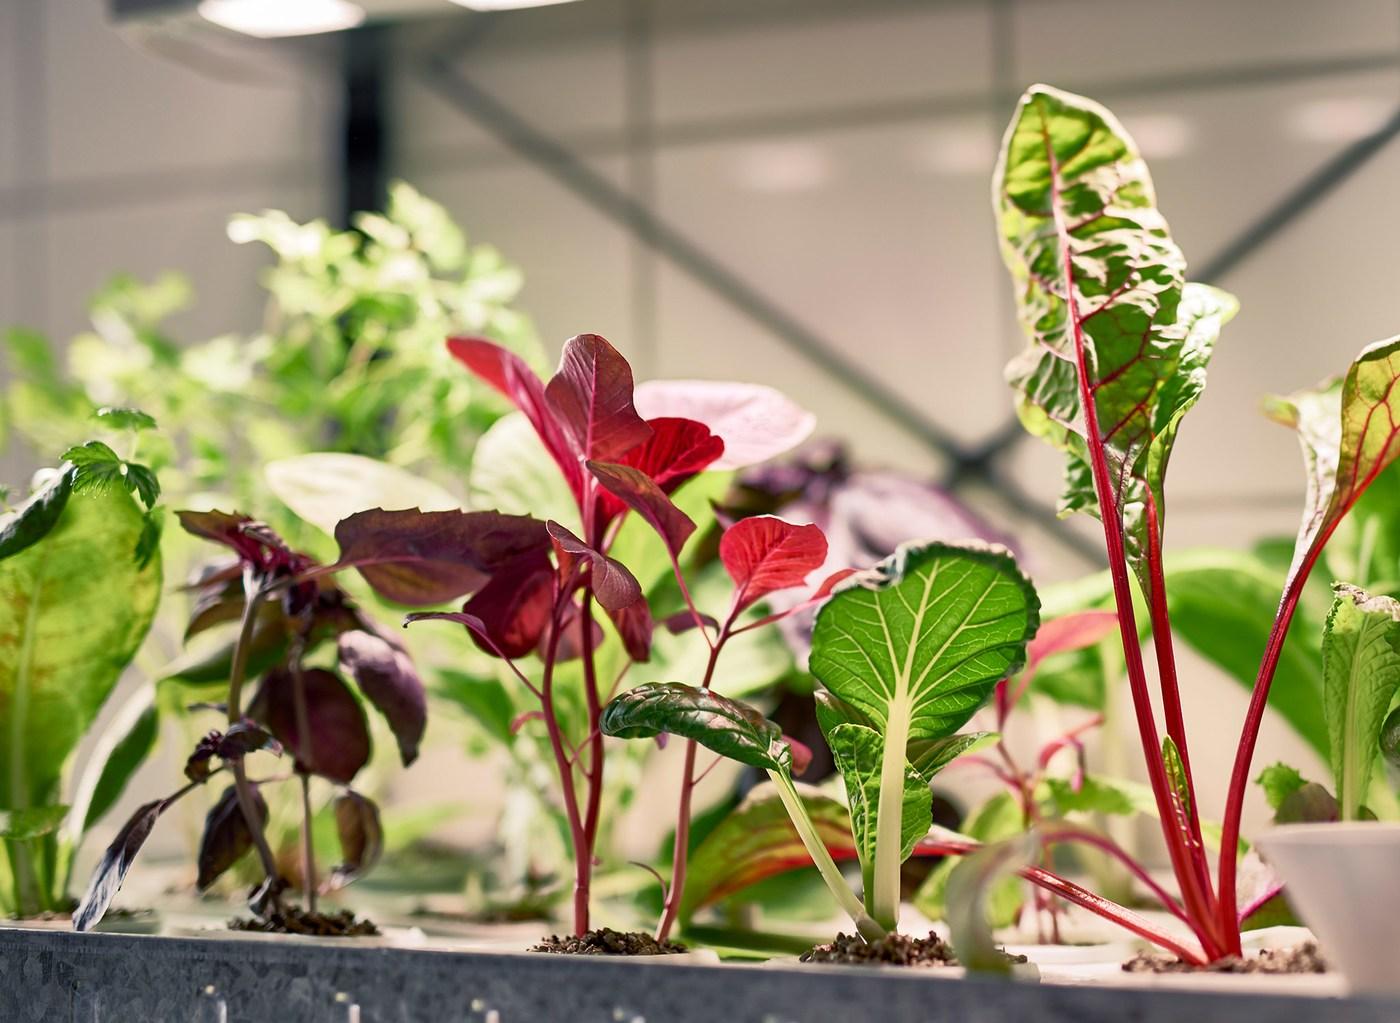 Zeleně a červeně zbarvené bylinky a salát rostou v hydroponickém systému.